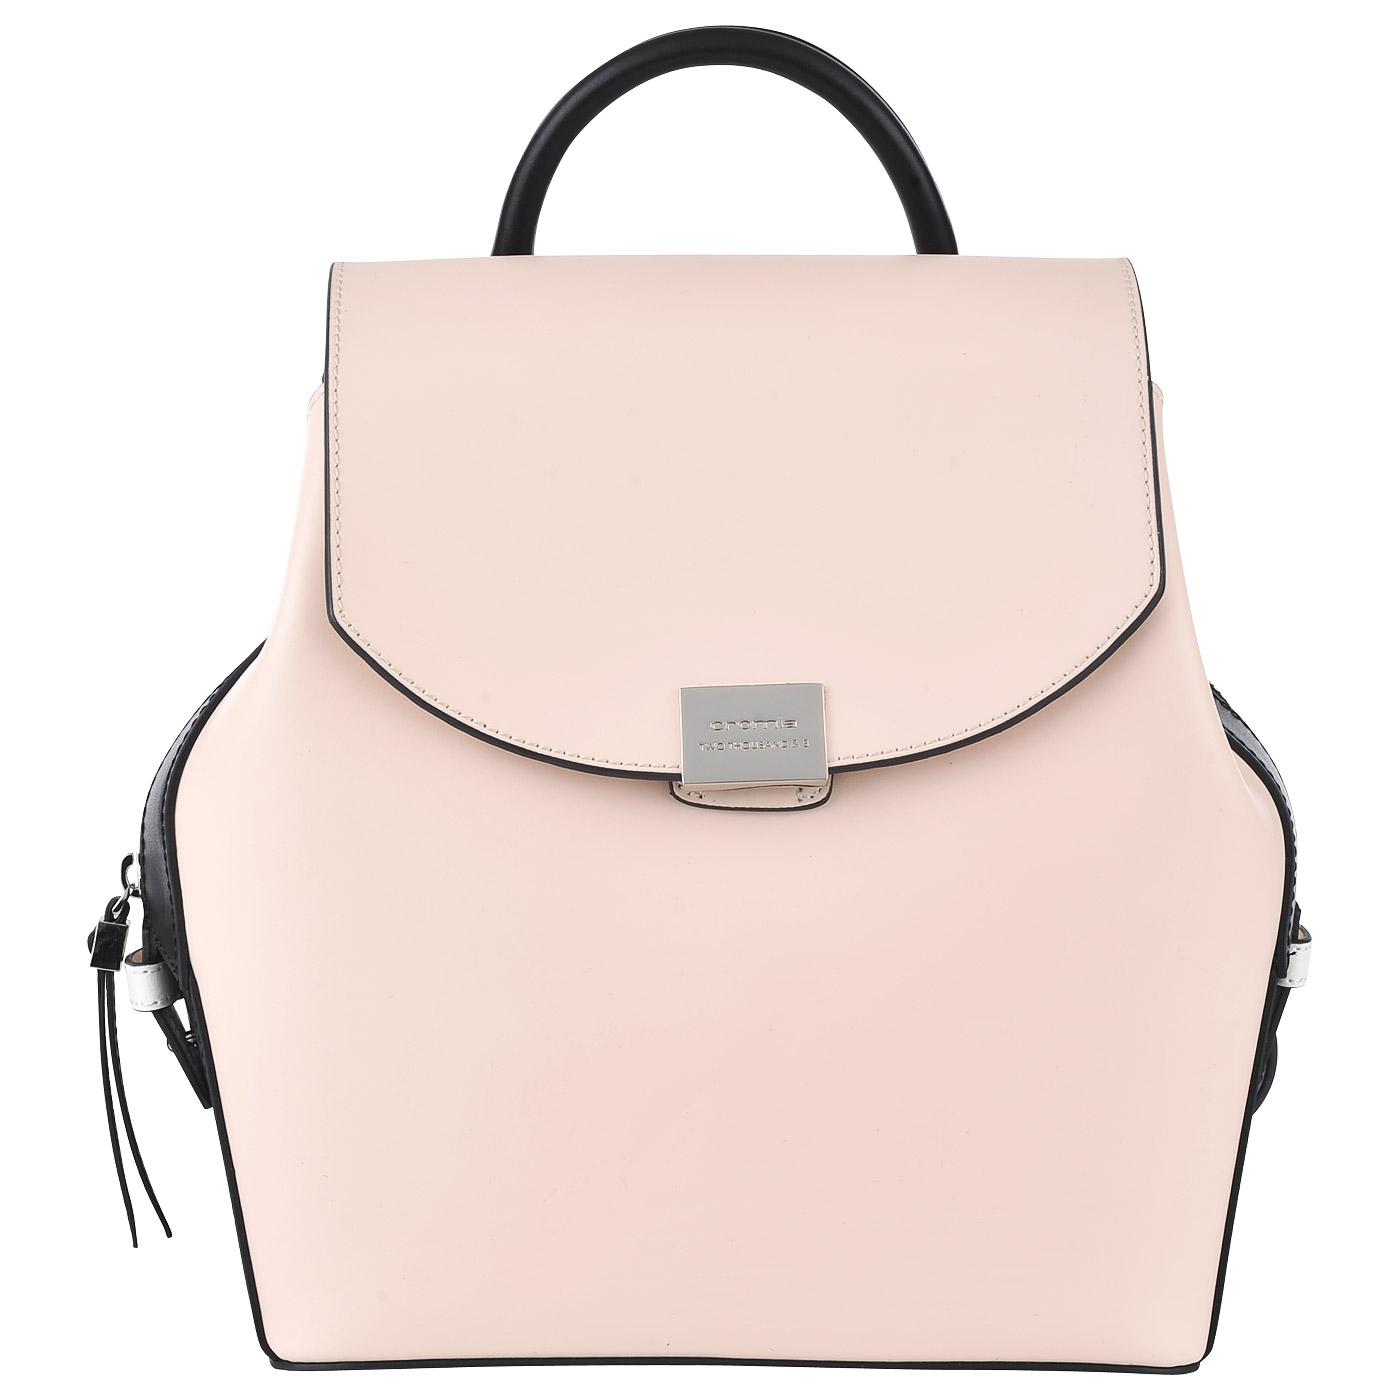 98fdcc717292 Женский кожаный рюкзак Cromia Lolita Женский кожаный рюкзак Cromia Lolita  ...